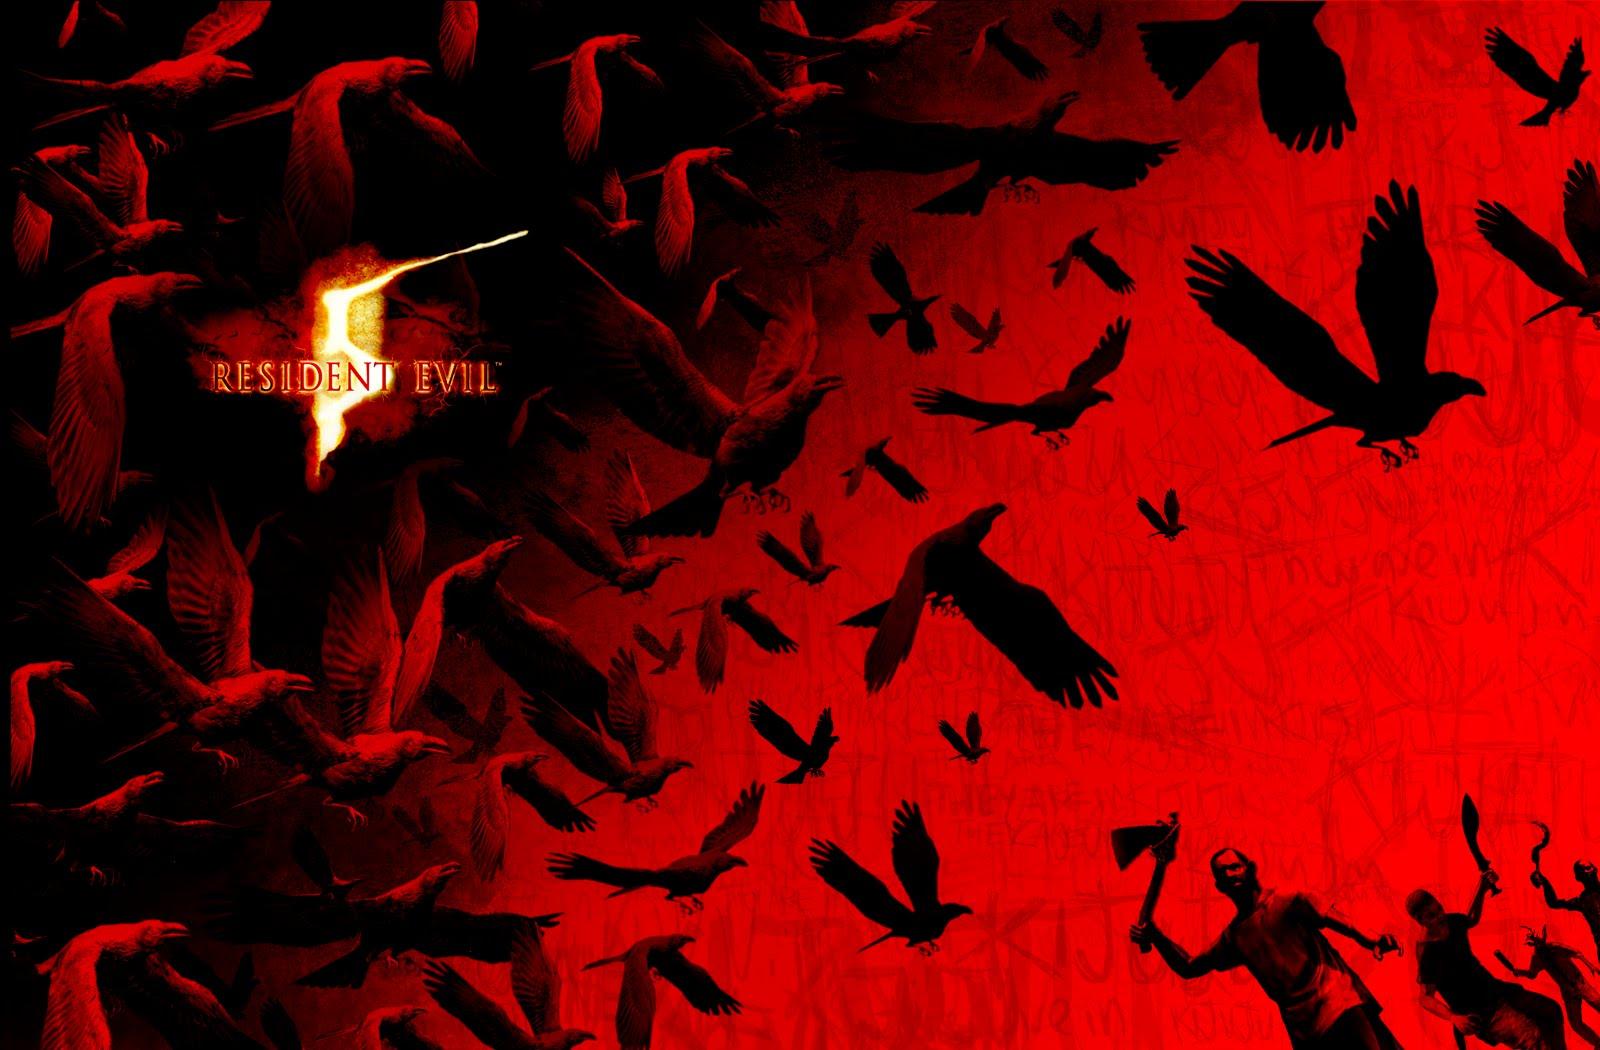 http://4.bp.blogspot.com/_3VnbSvbL2tE/TCLNXQsO1YI/AAAAAAAAAXg/4vRqeRaEZB4/s1600/resident-evil-5-wallpaper-1-1600.jpg